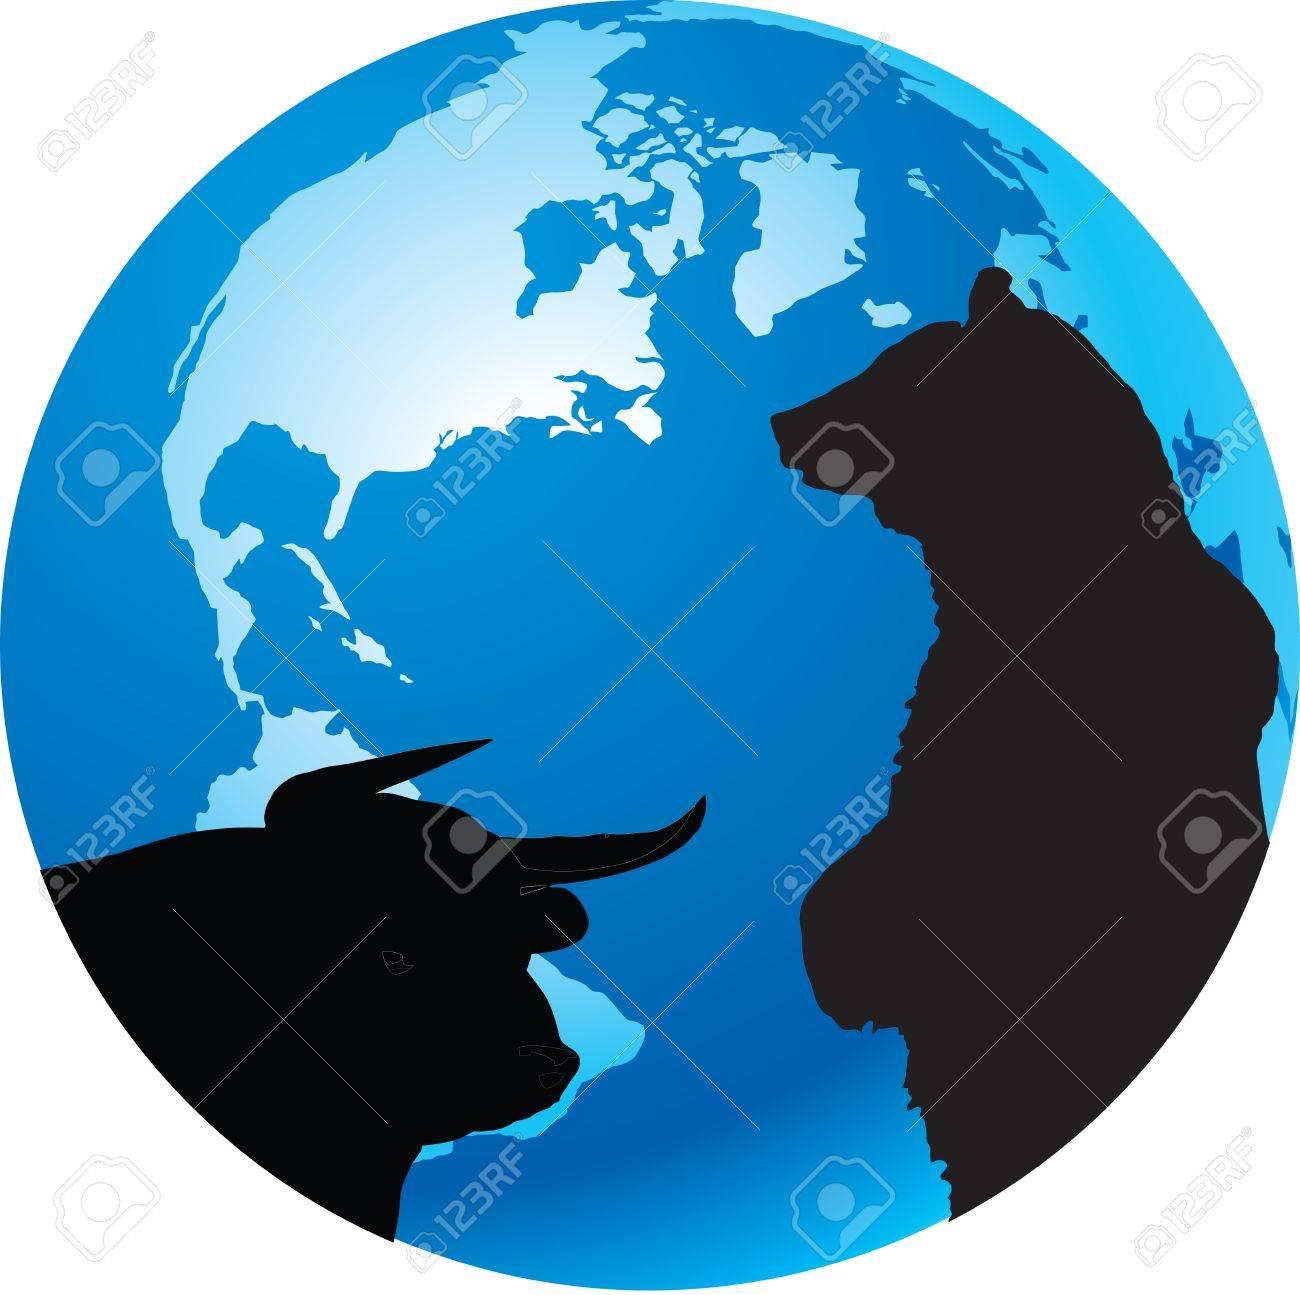 Bull And Bear Symbols Of World Economy Royalty Free Cliparts